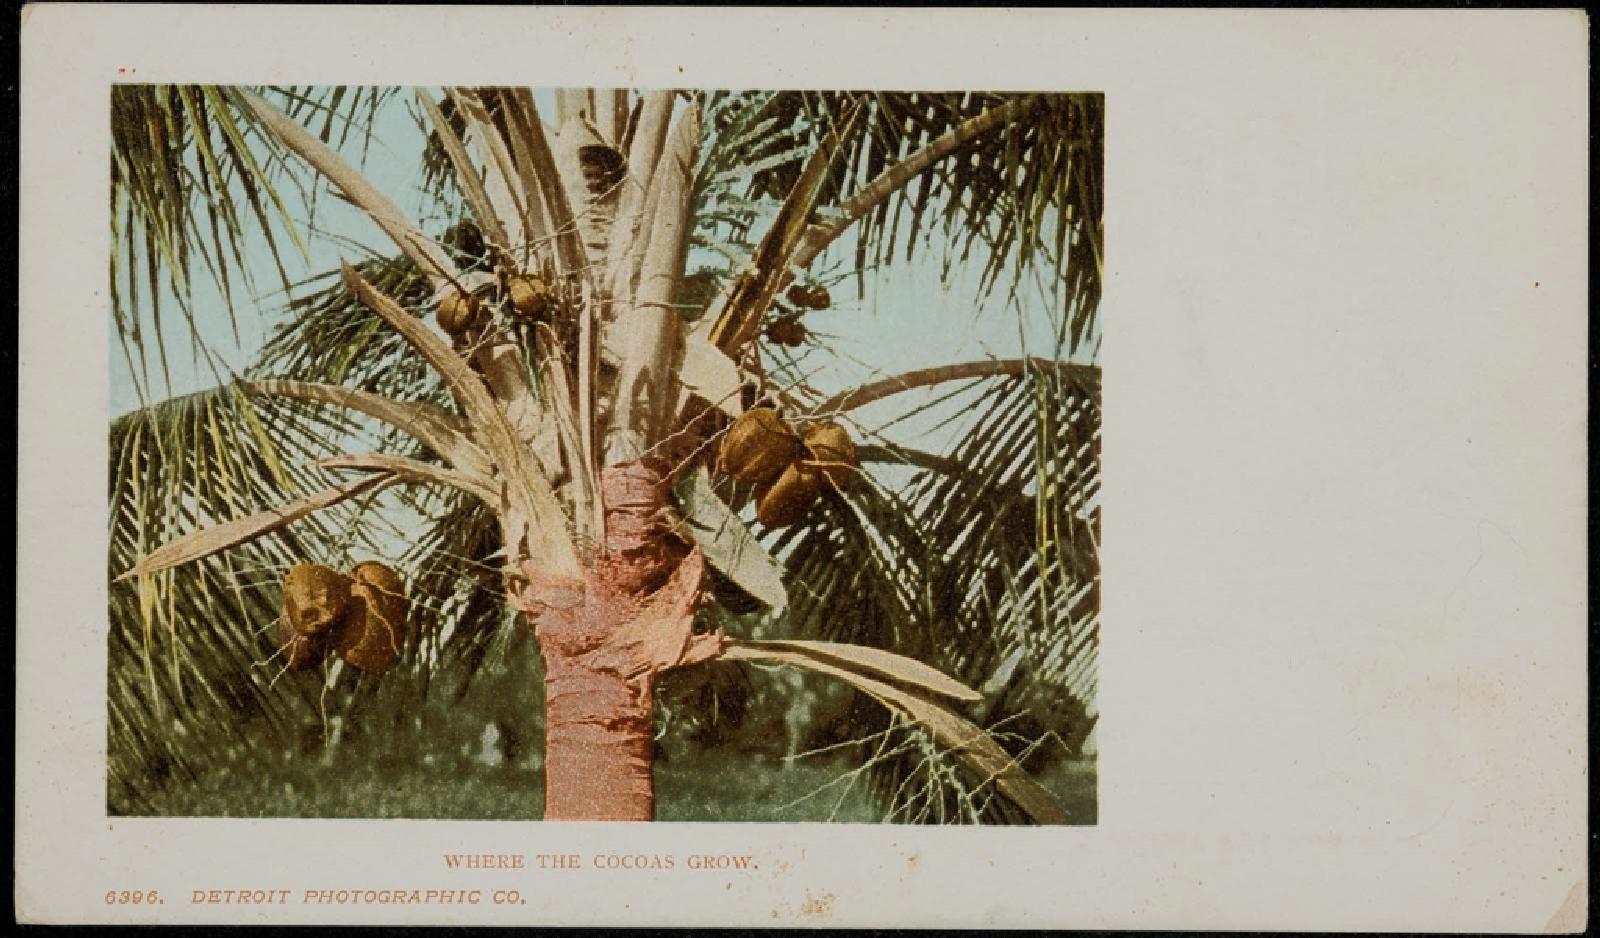 Where the cocoas grow Image